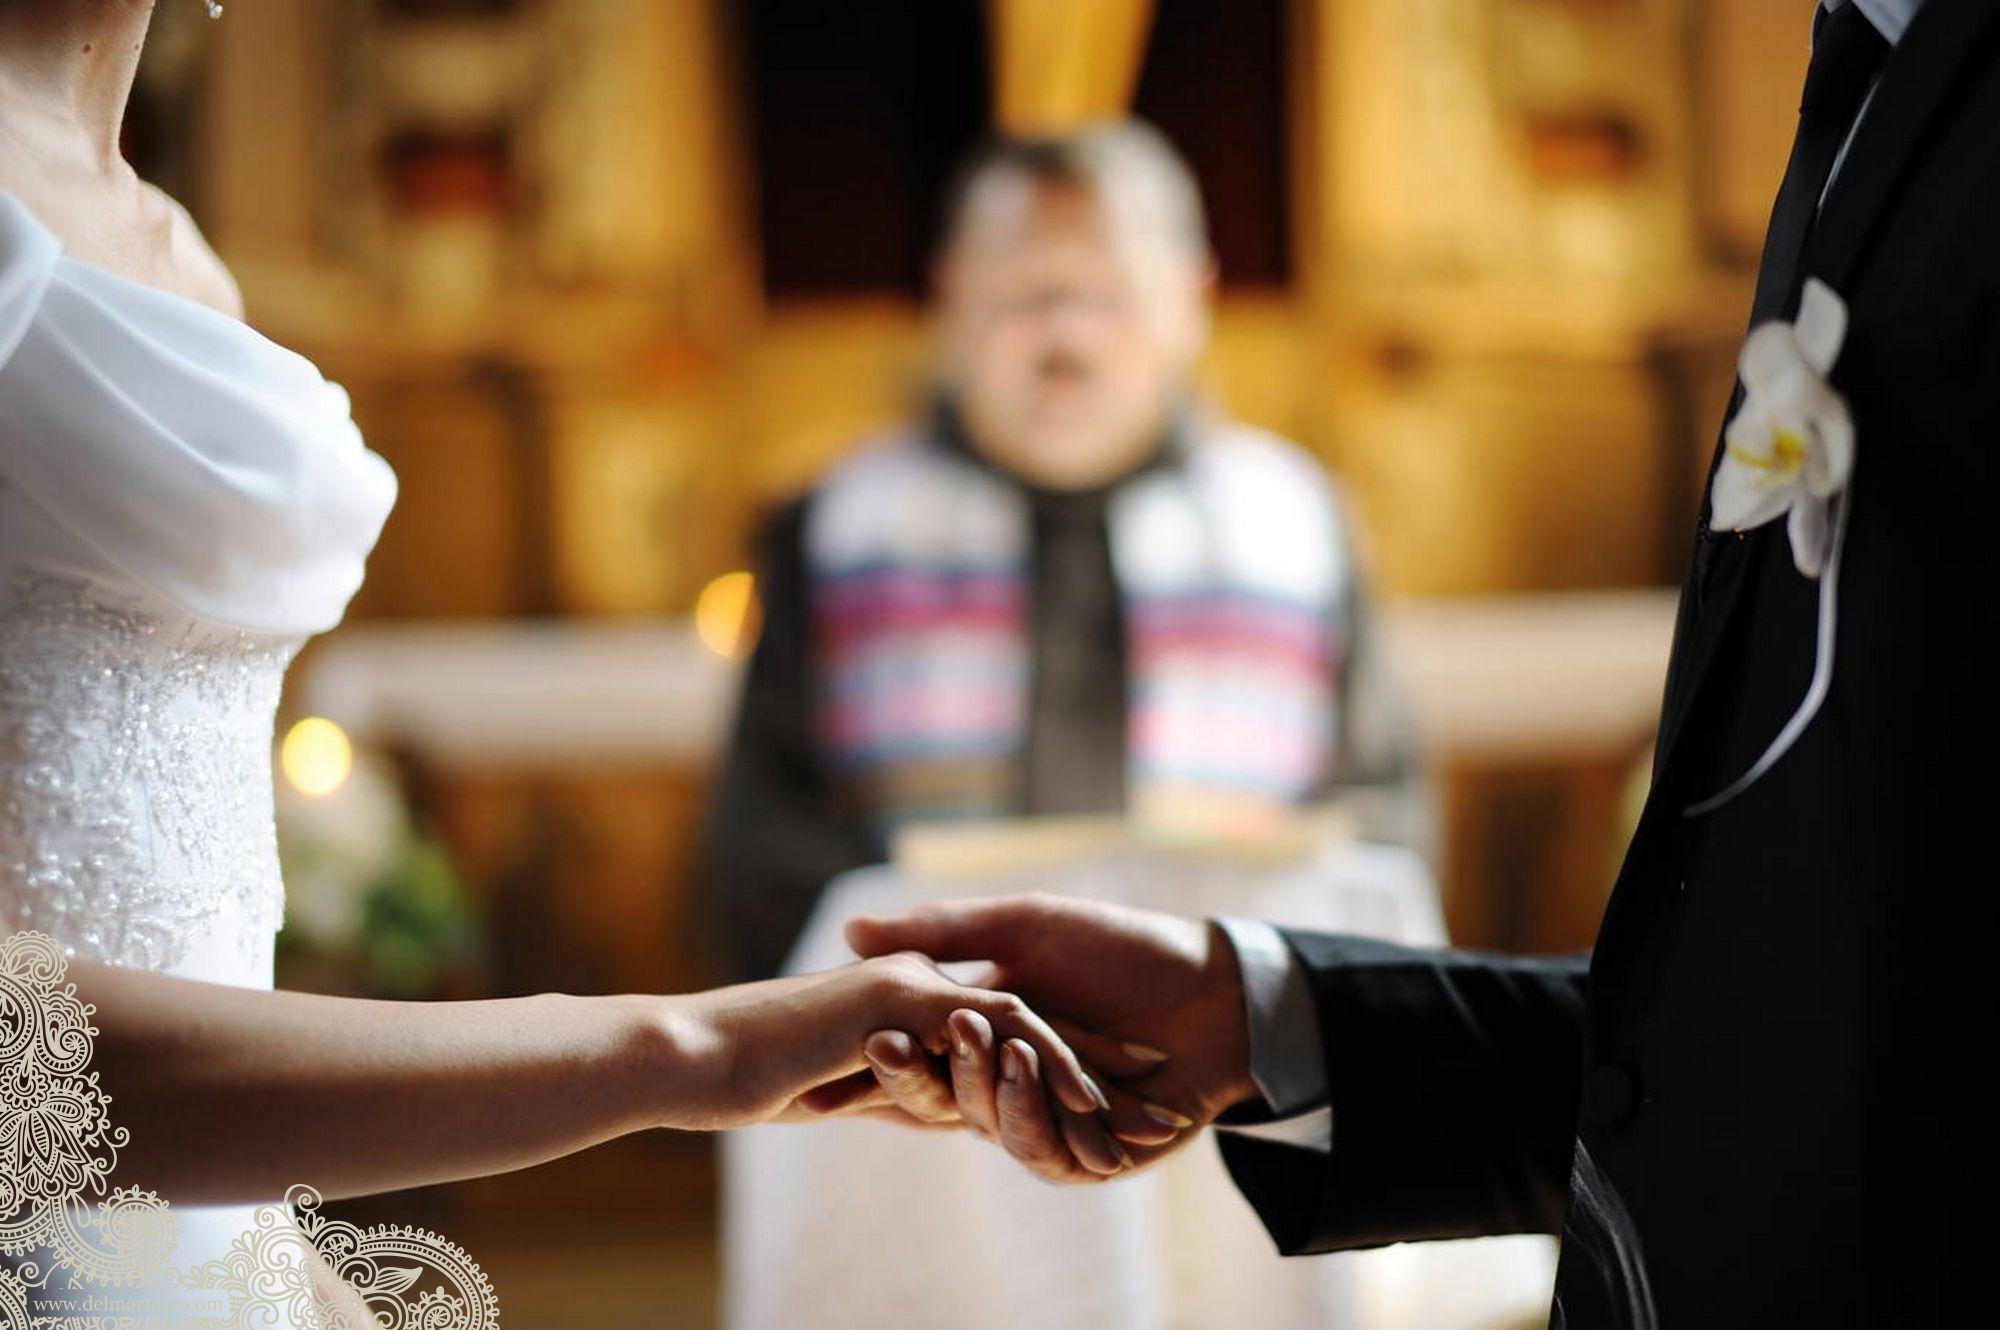 Photo of Гражданский брак могут приравнять к официальному Гражданский брак могут приравнять к официальному Гражданский брак могут приравнять к официальному tn 210095 b7445fb7d524